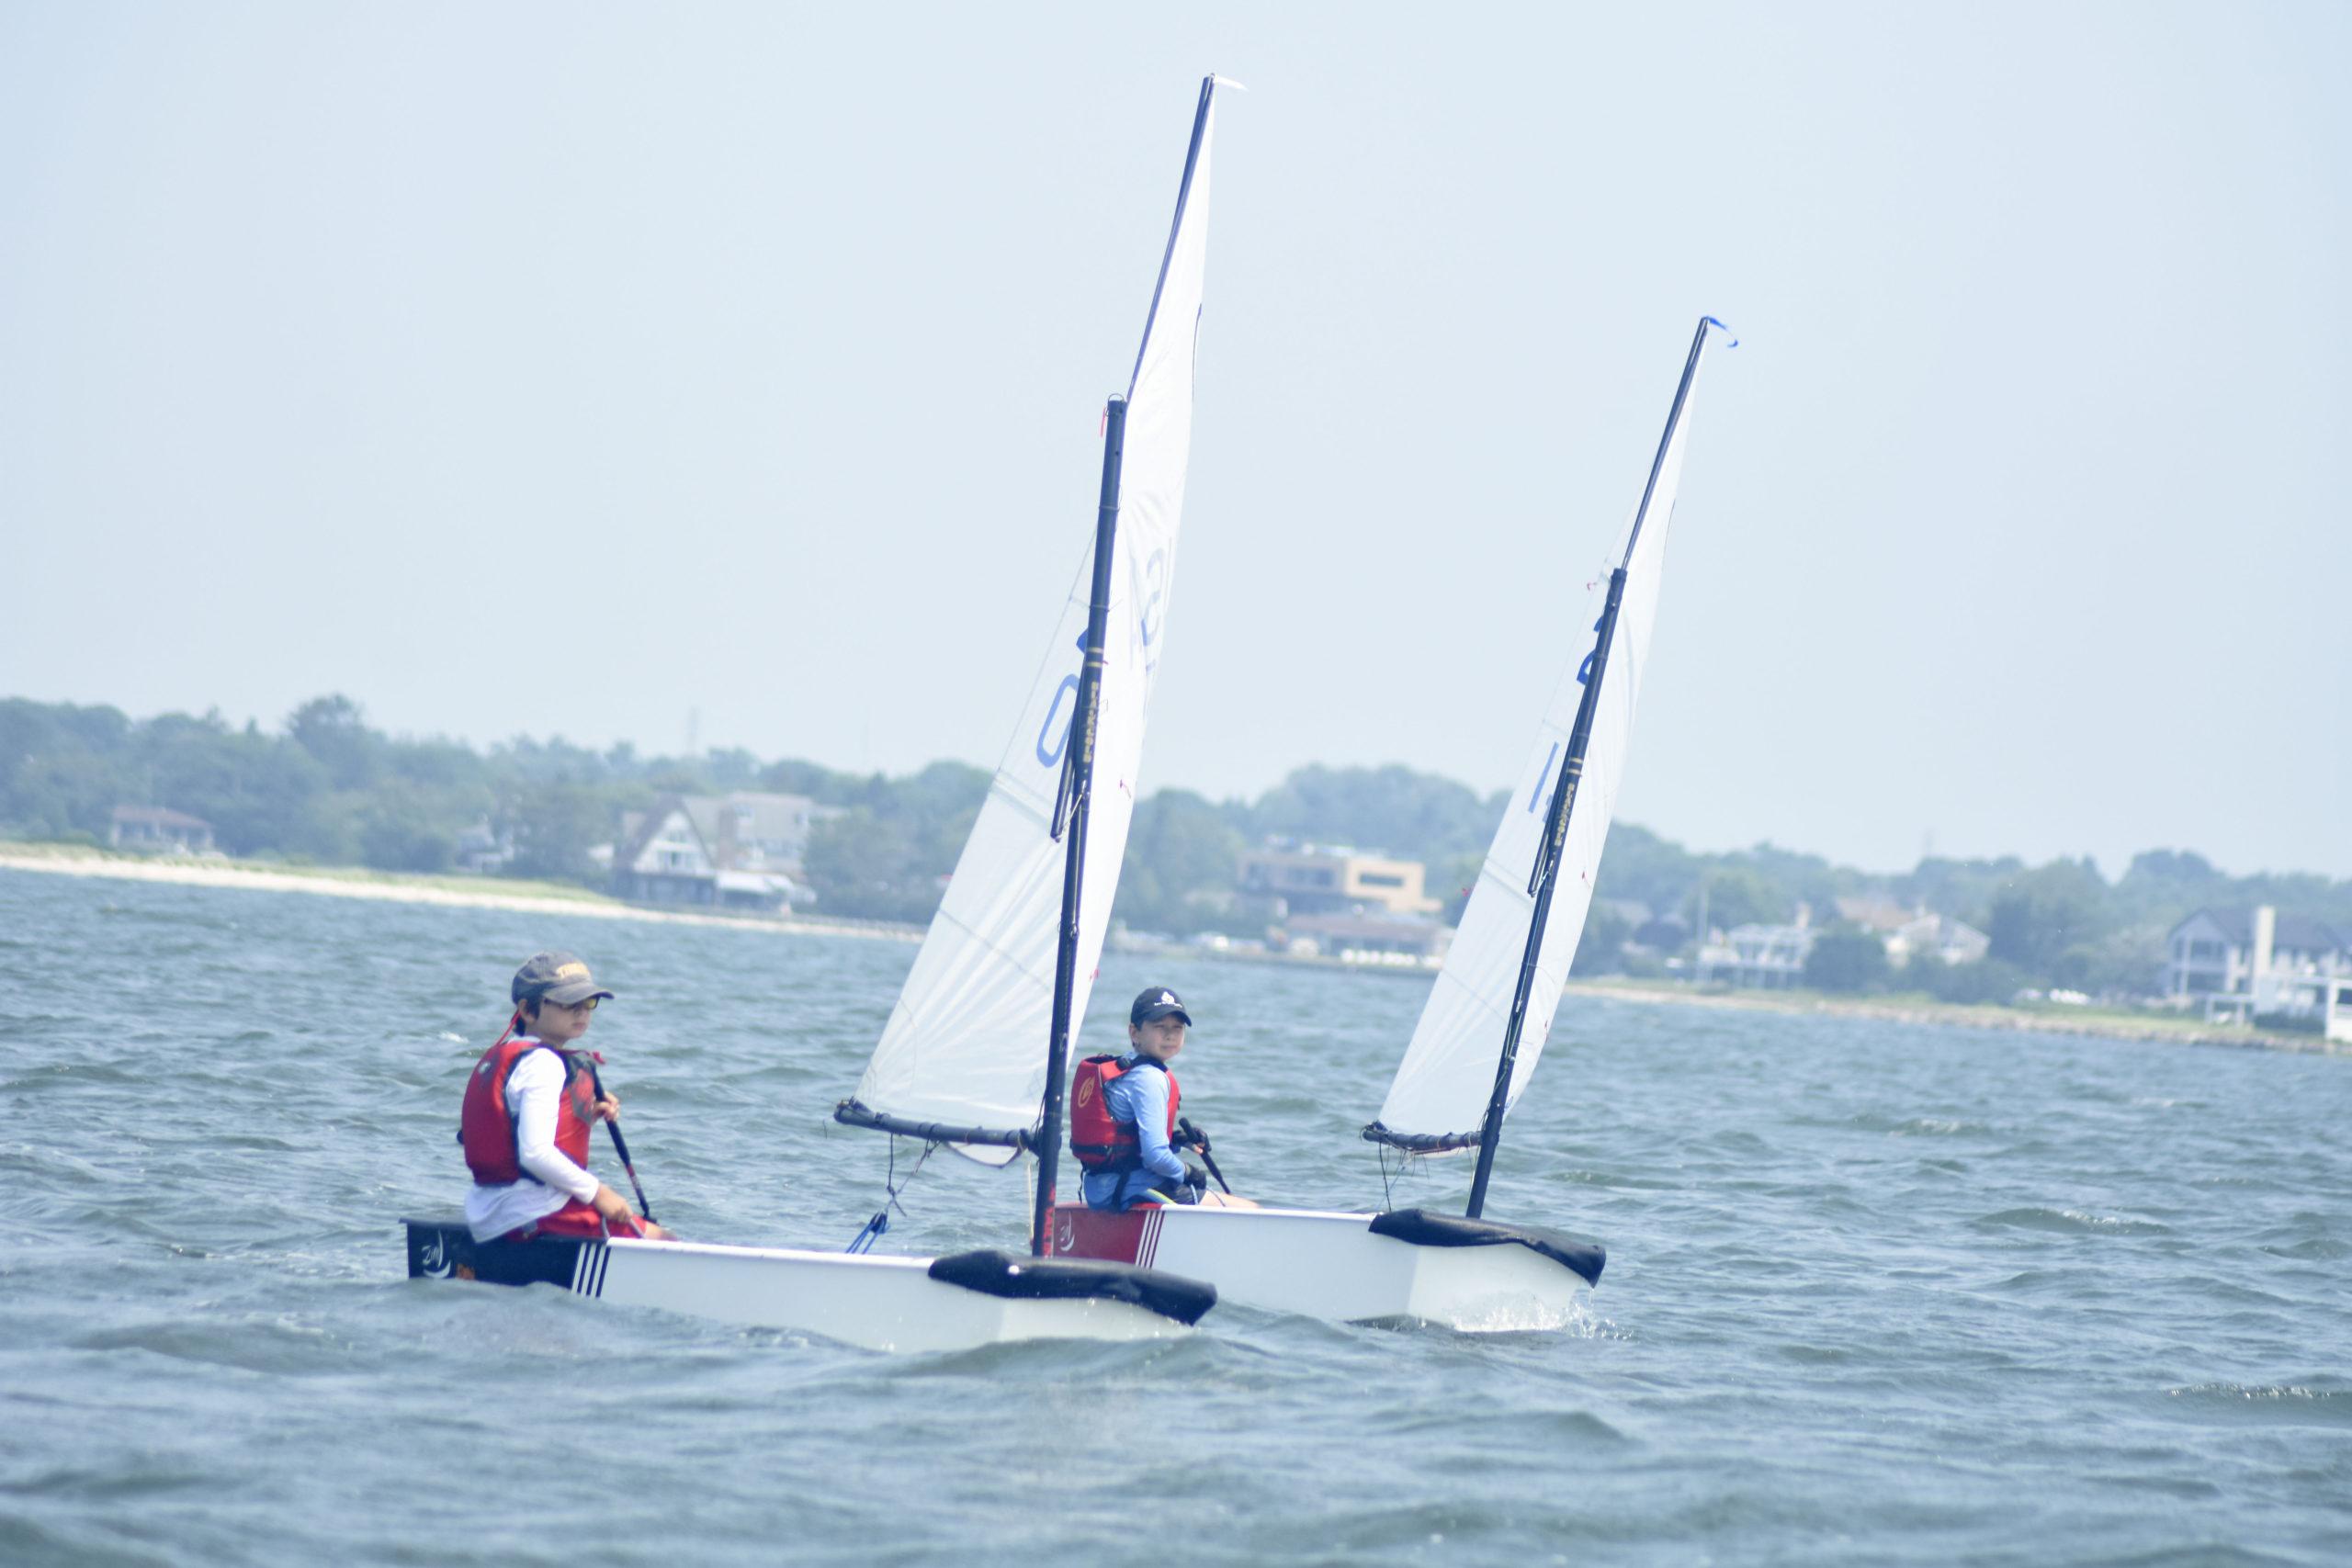 The optimist fleet starts the first race on Friday.